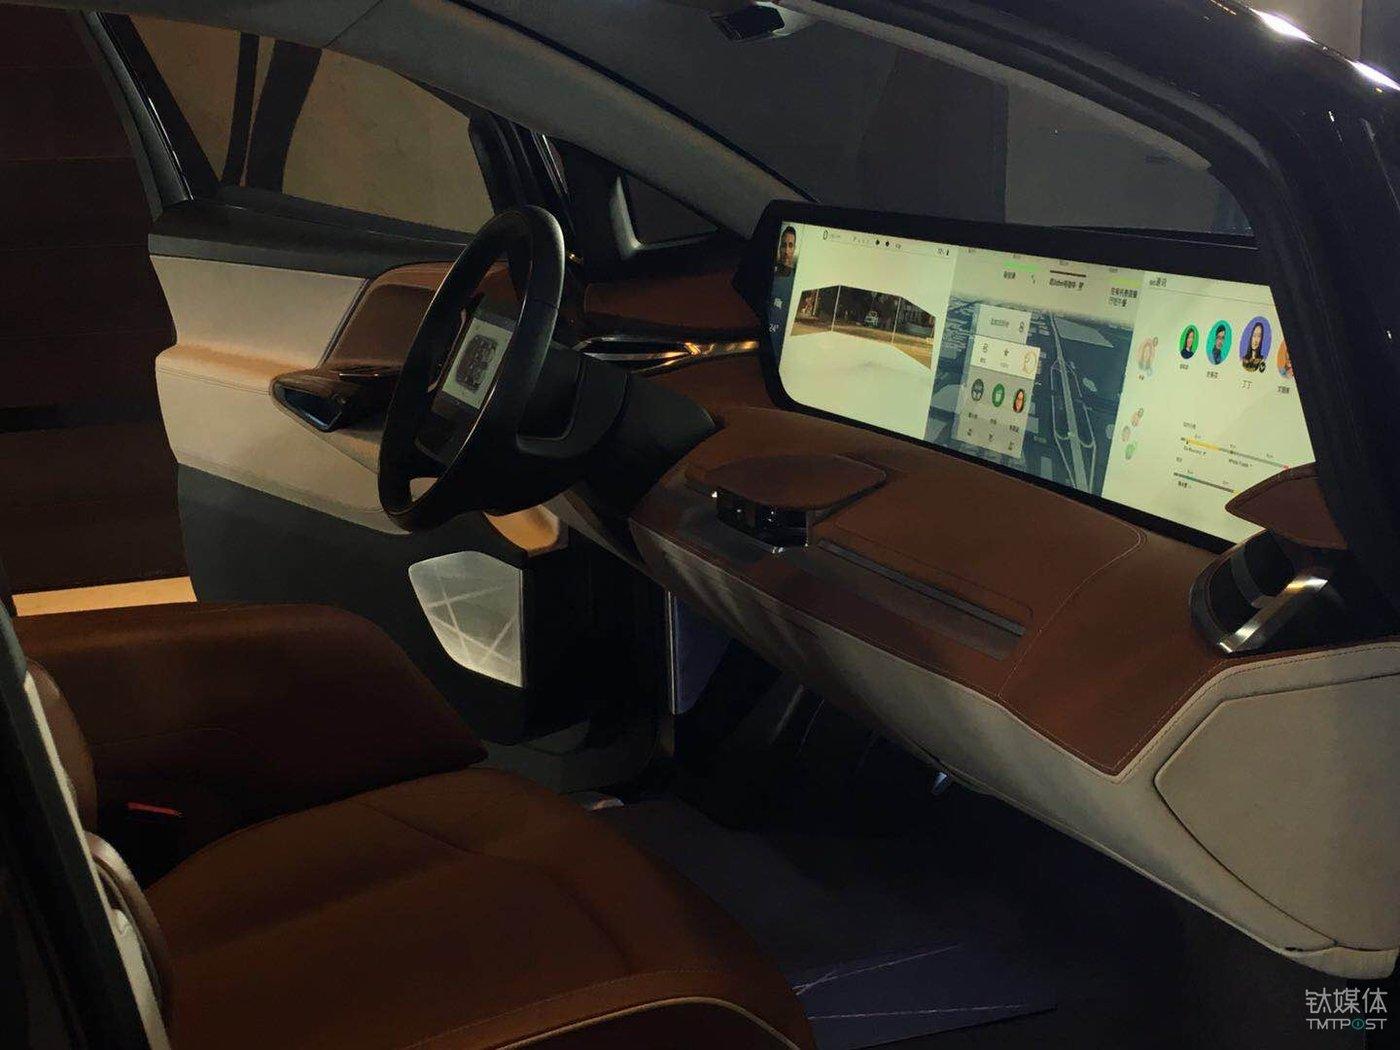 拜腾SUV车型的中控屏幕